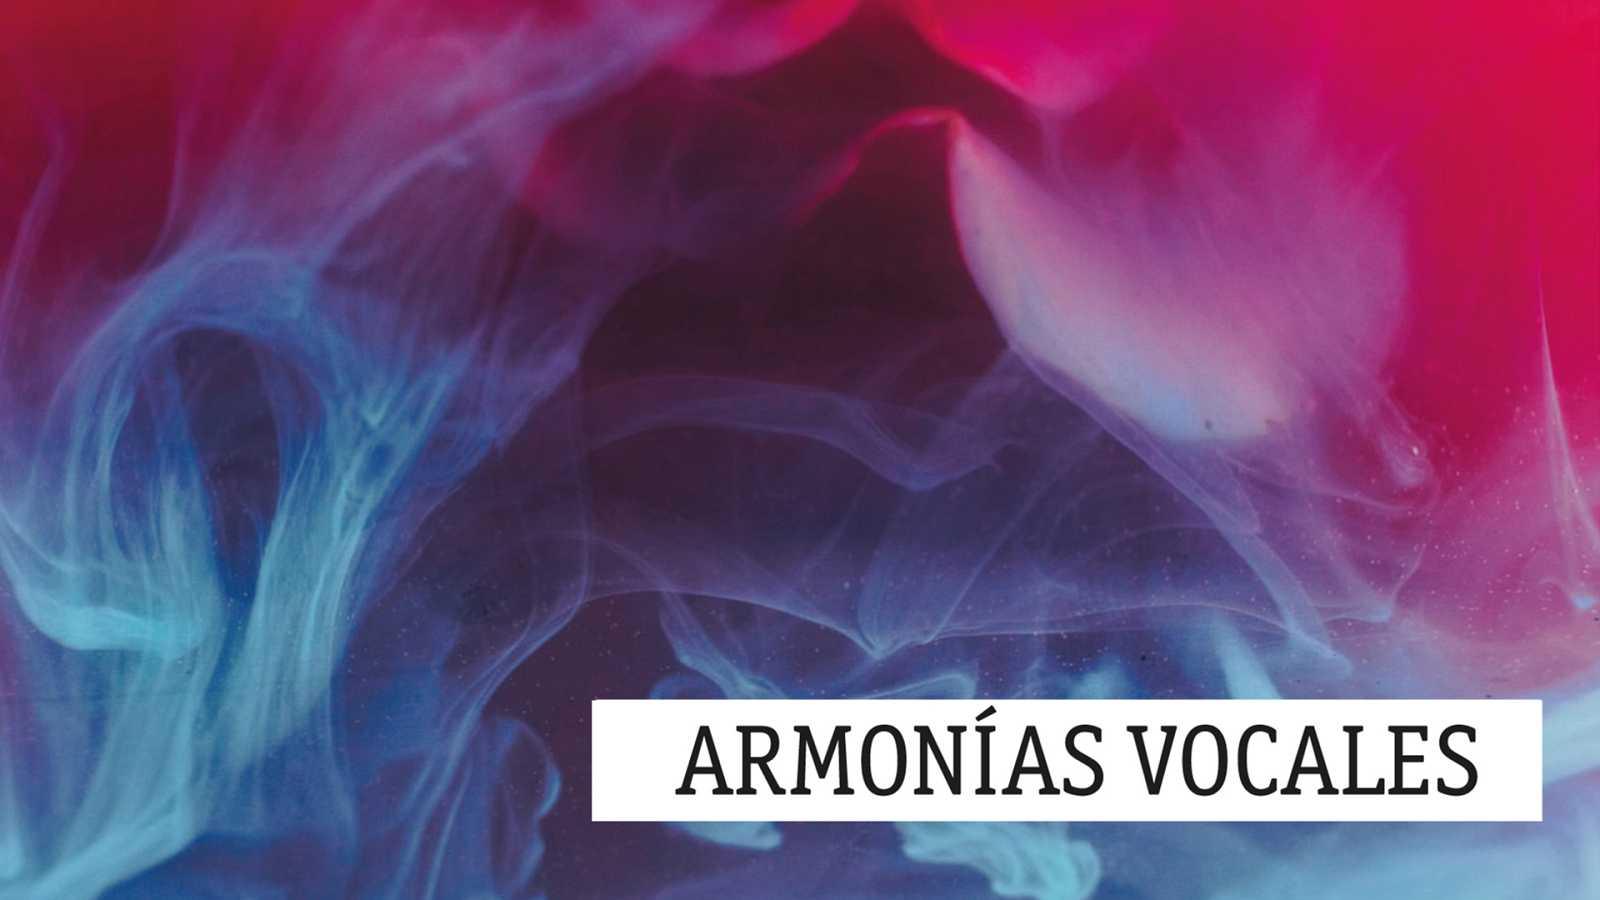 Armonías vocales - Música coral francesa de los siglos XIX y XX - 20/03/21 - escuchar ahora